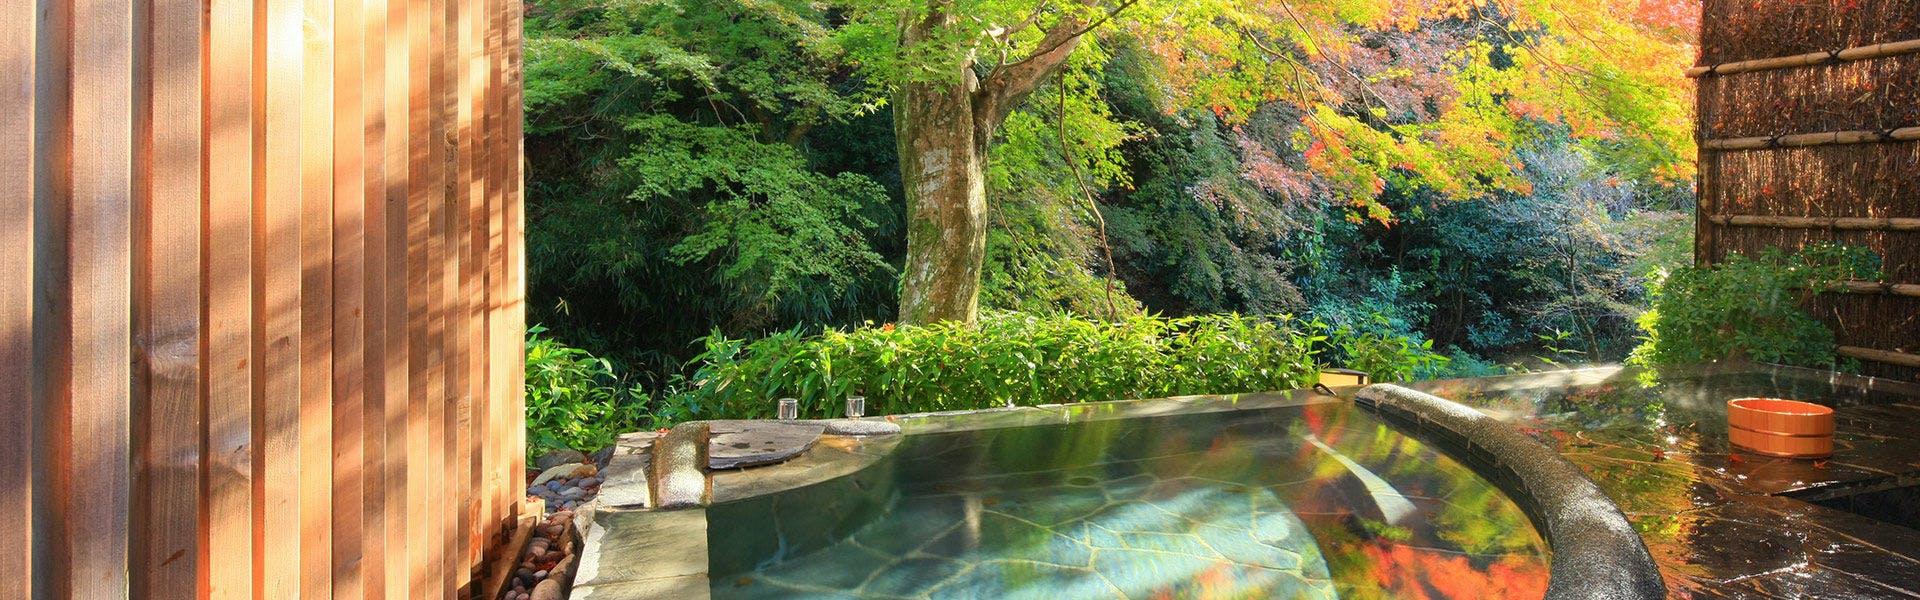 記念日におすすめのホテル・奥湯河原 結唯 -YUI-の写真2